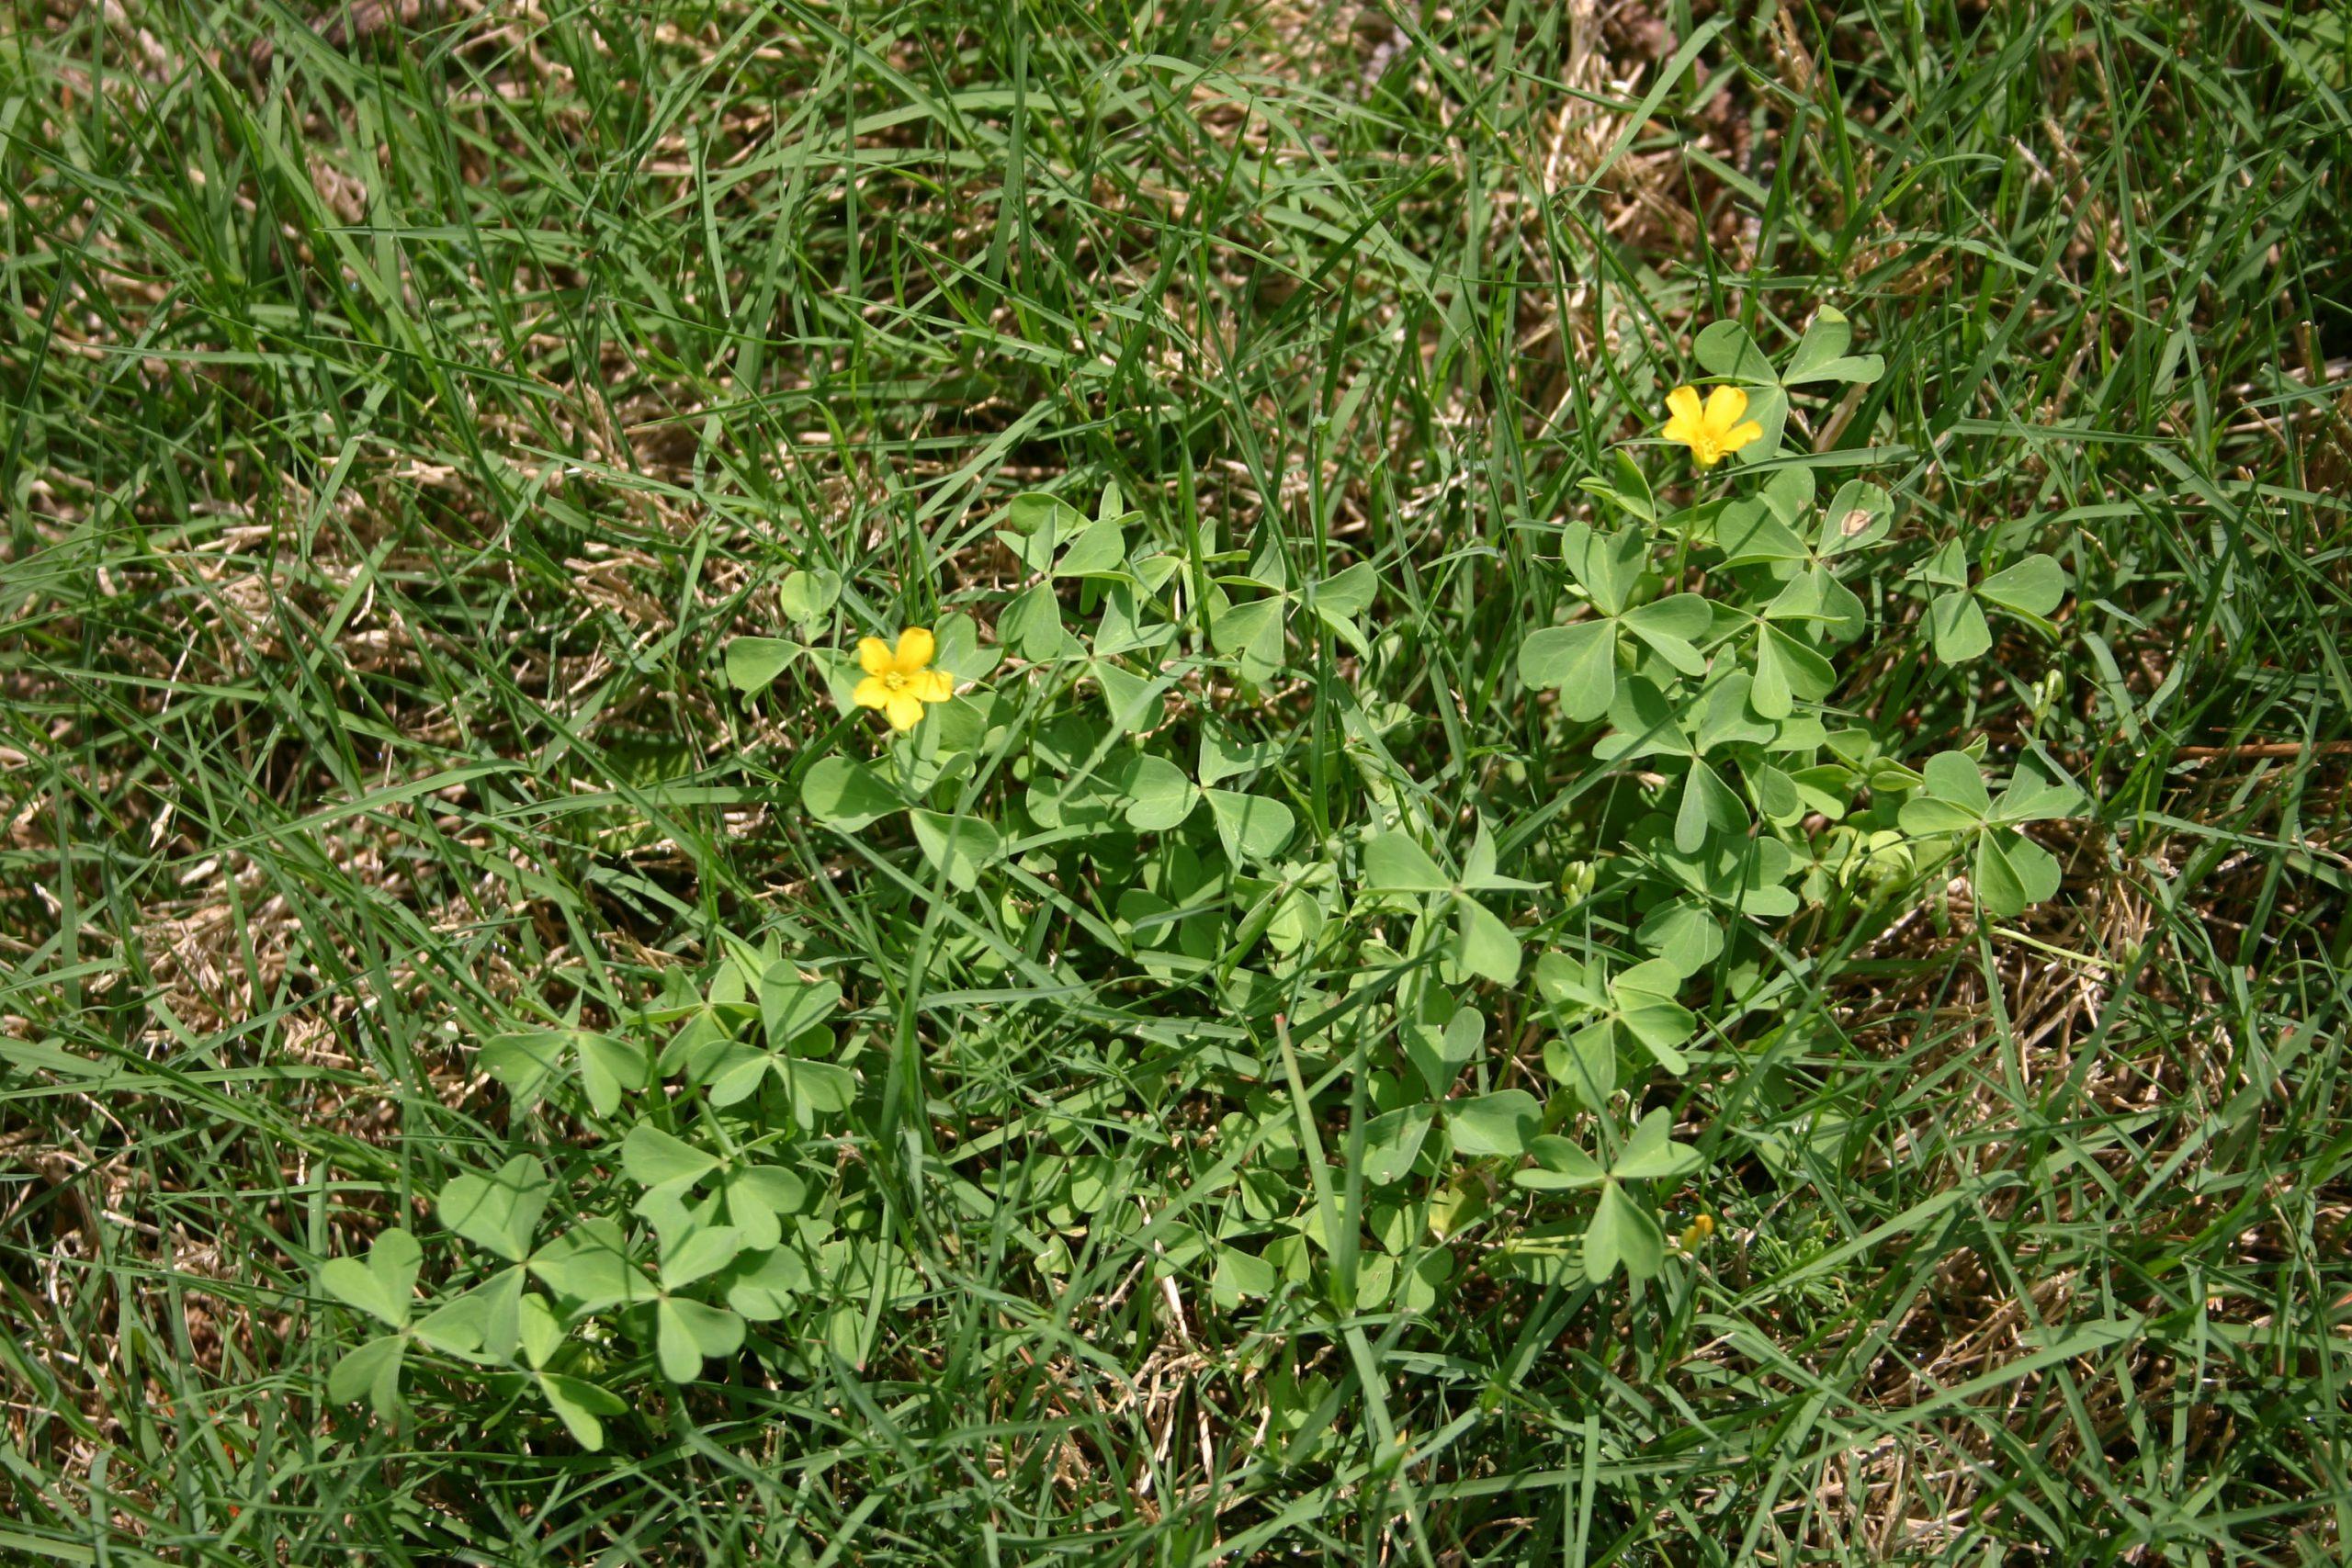 oxalis yellow woodsorrel